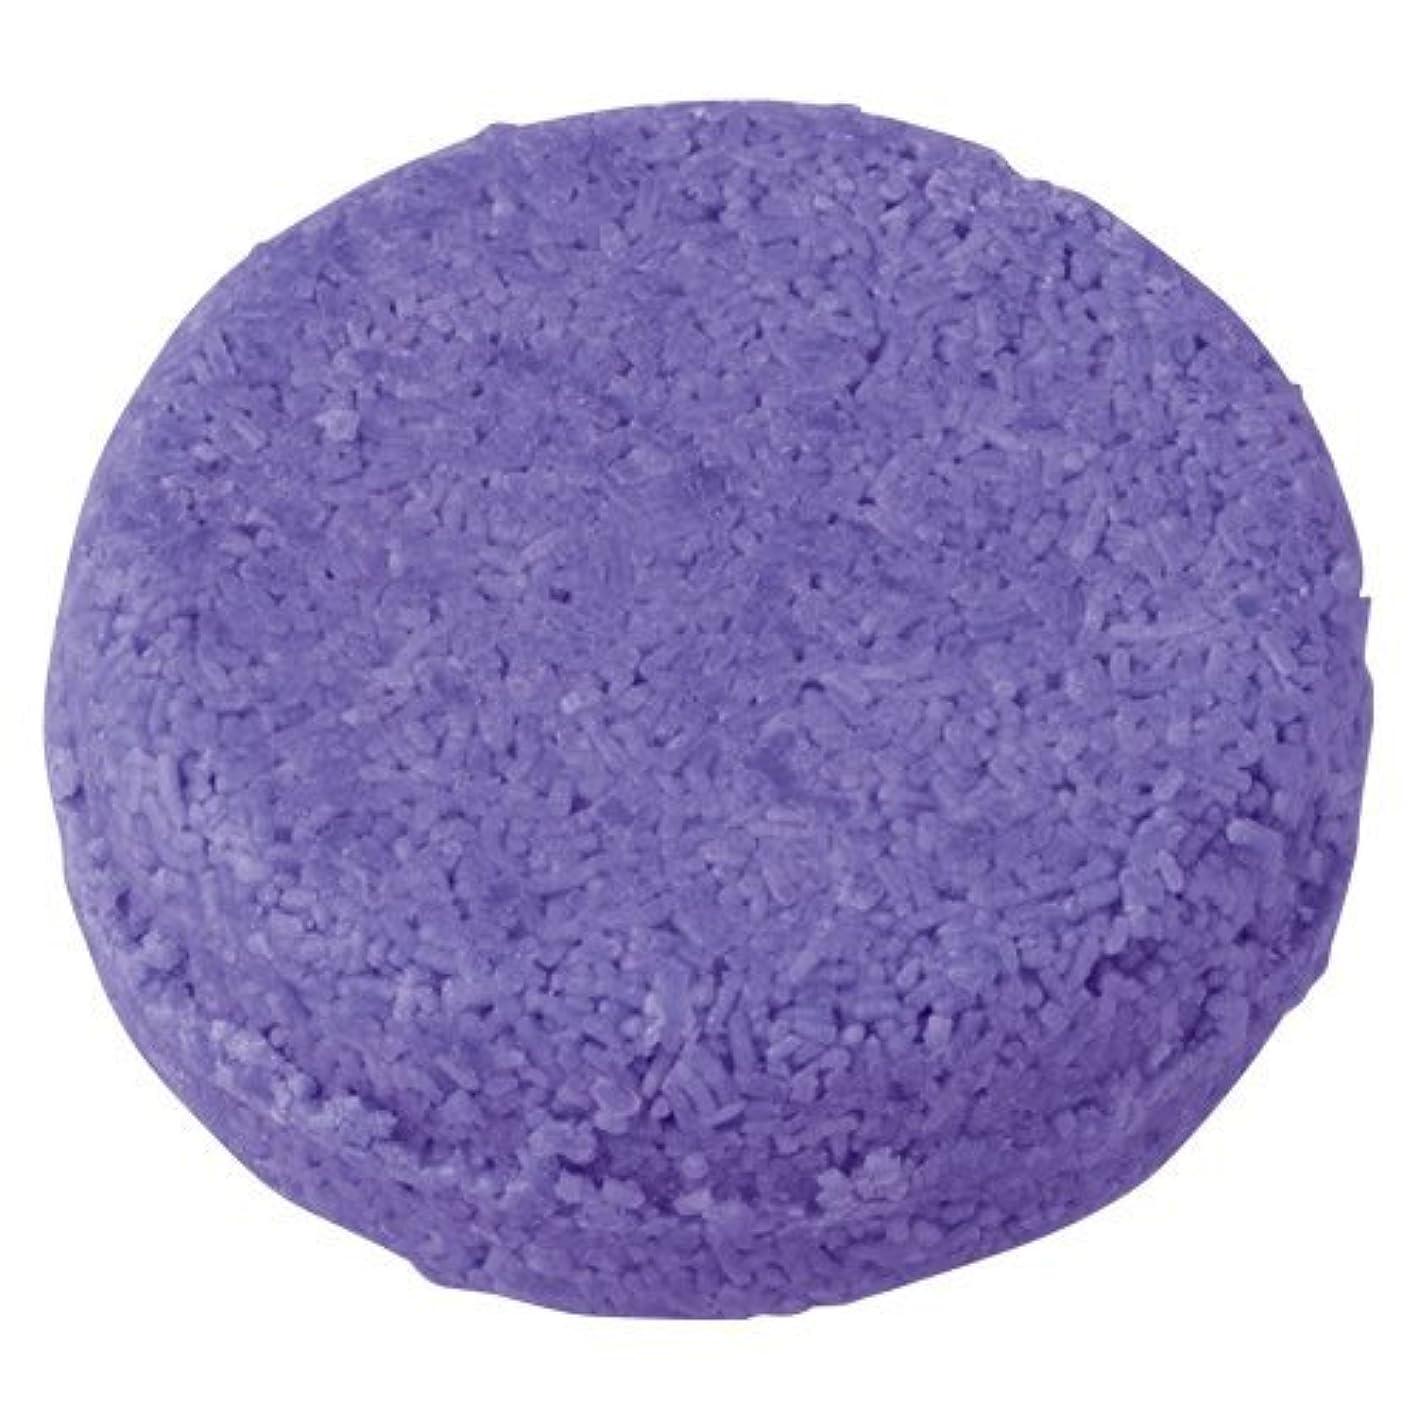 モチーフ代理店折ラッシュ 紫ショック(55g)